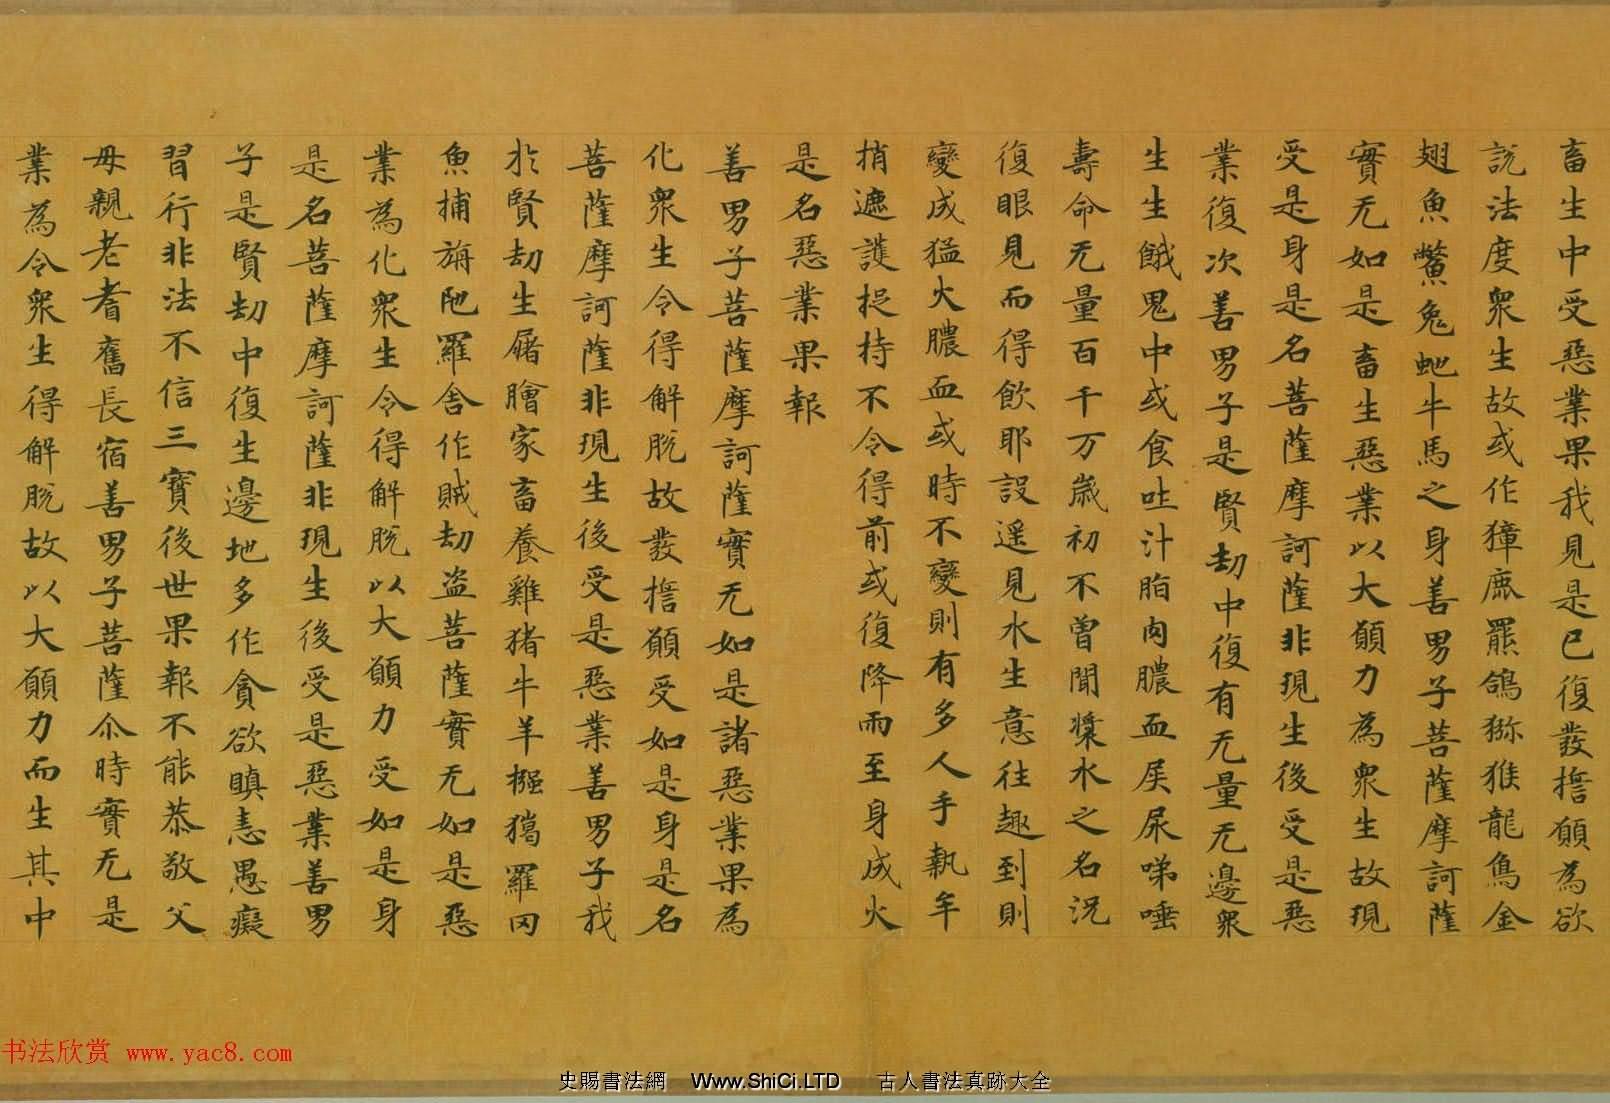 佛教經典手卷欣賞《唐人寫本大般涅盤經卷第三十一》